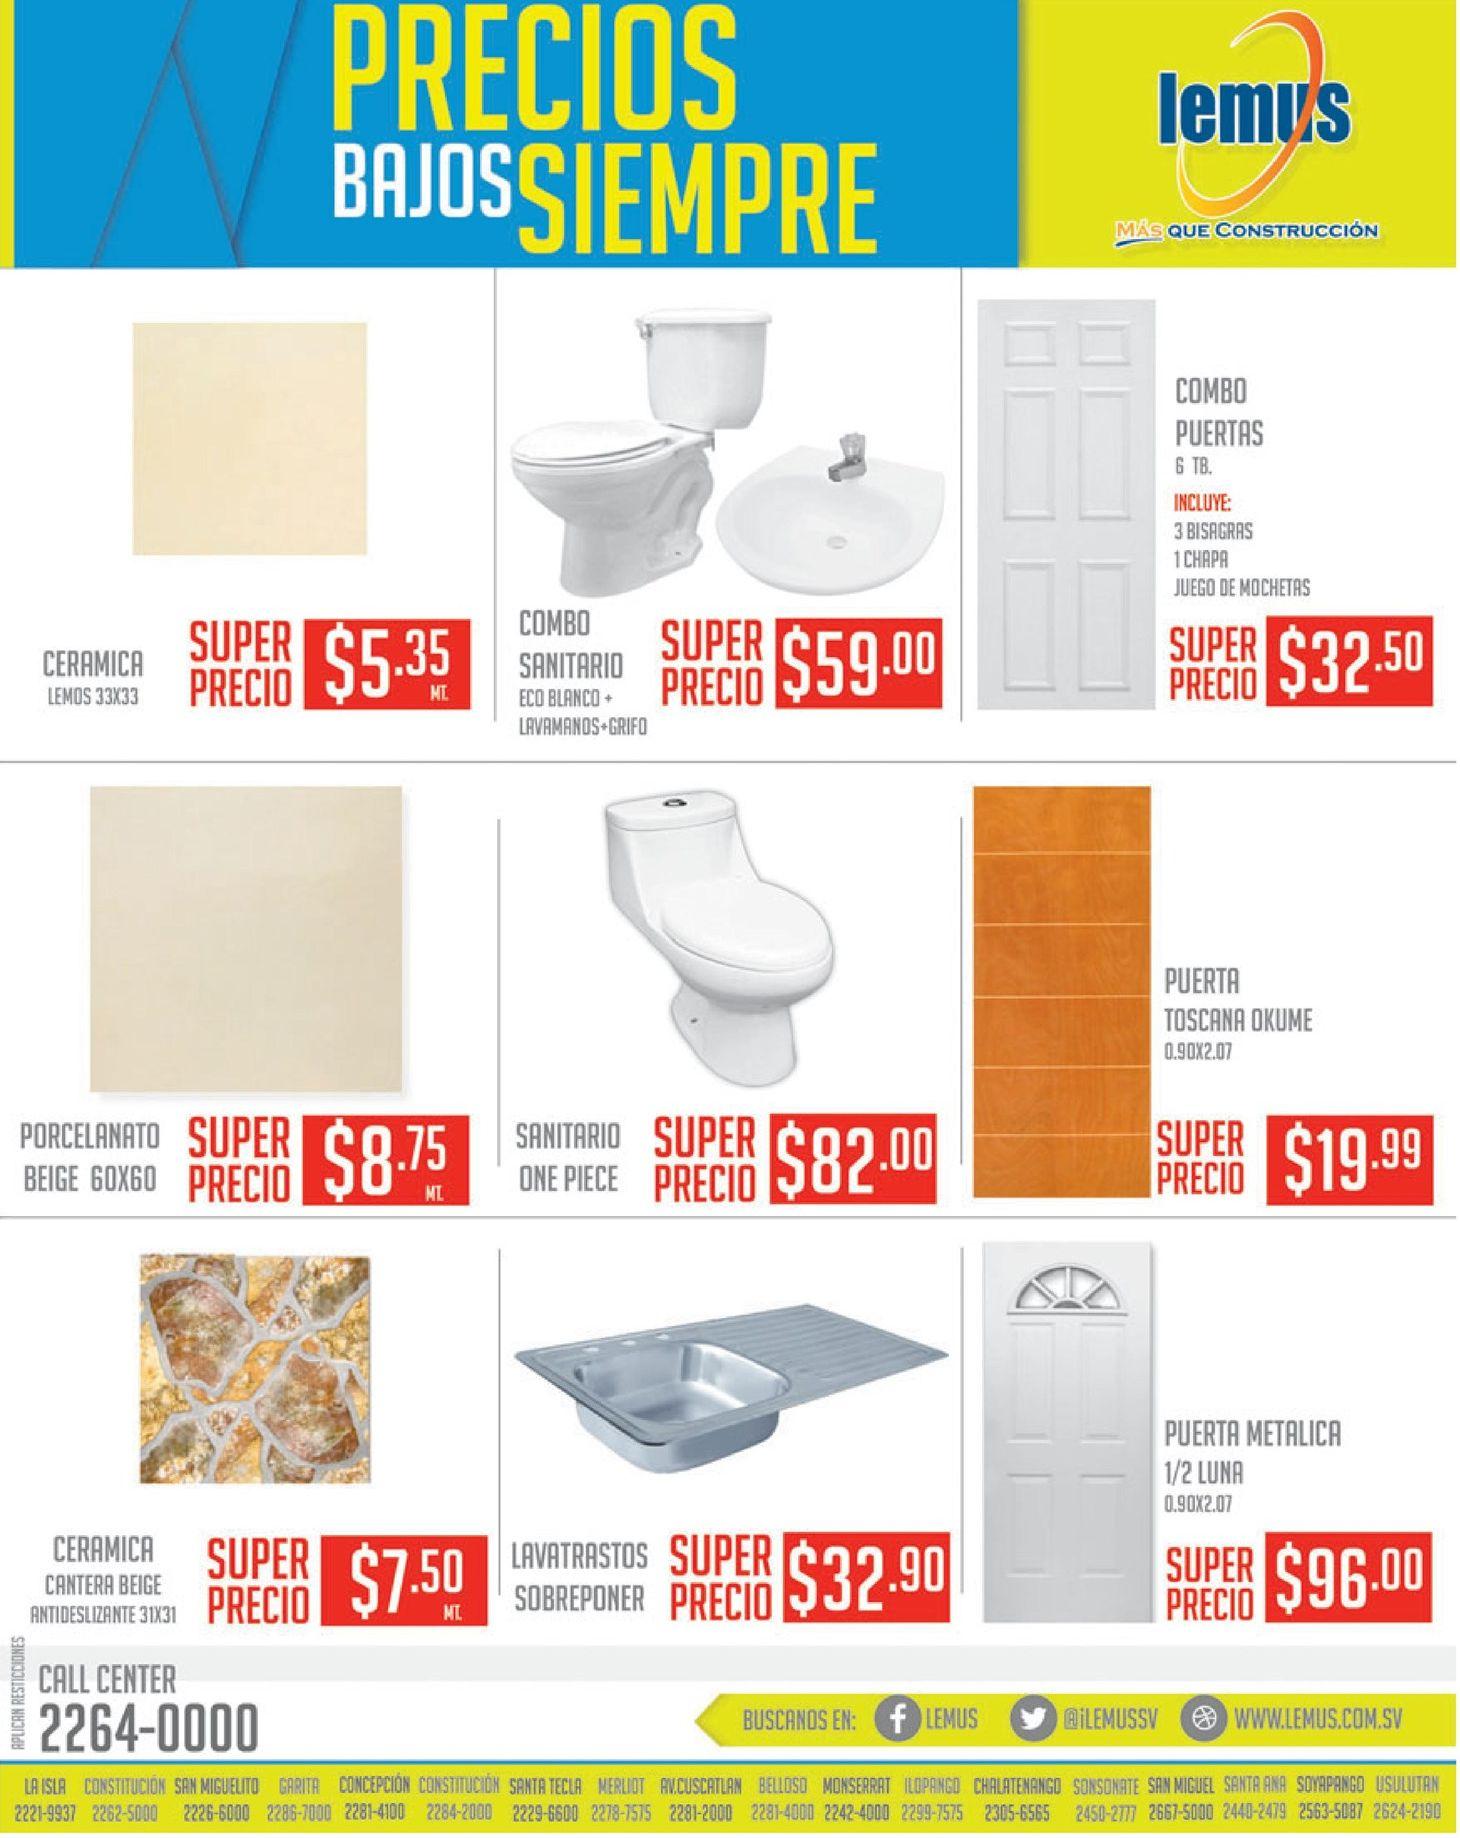 Precios bajitos en lemus materiales de construccion - Materiales de construccion precios ...